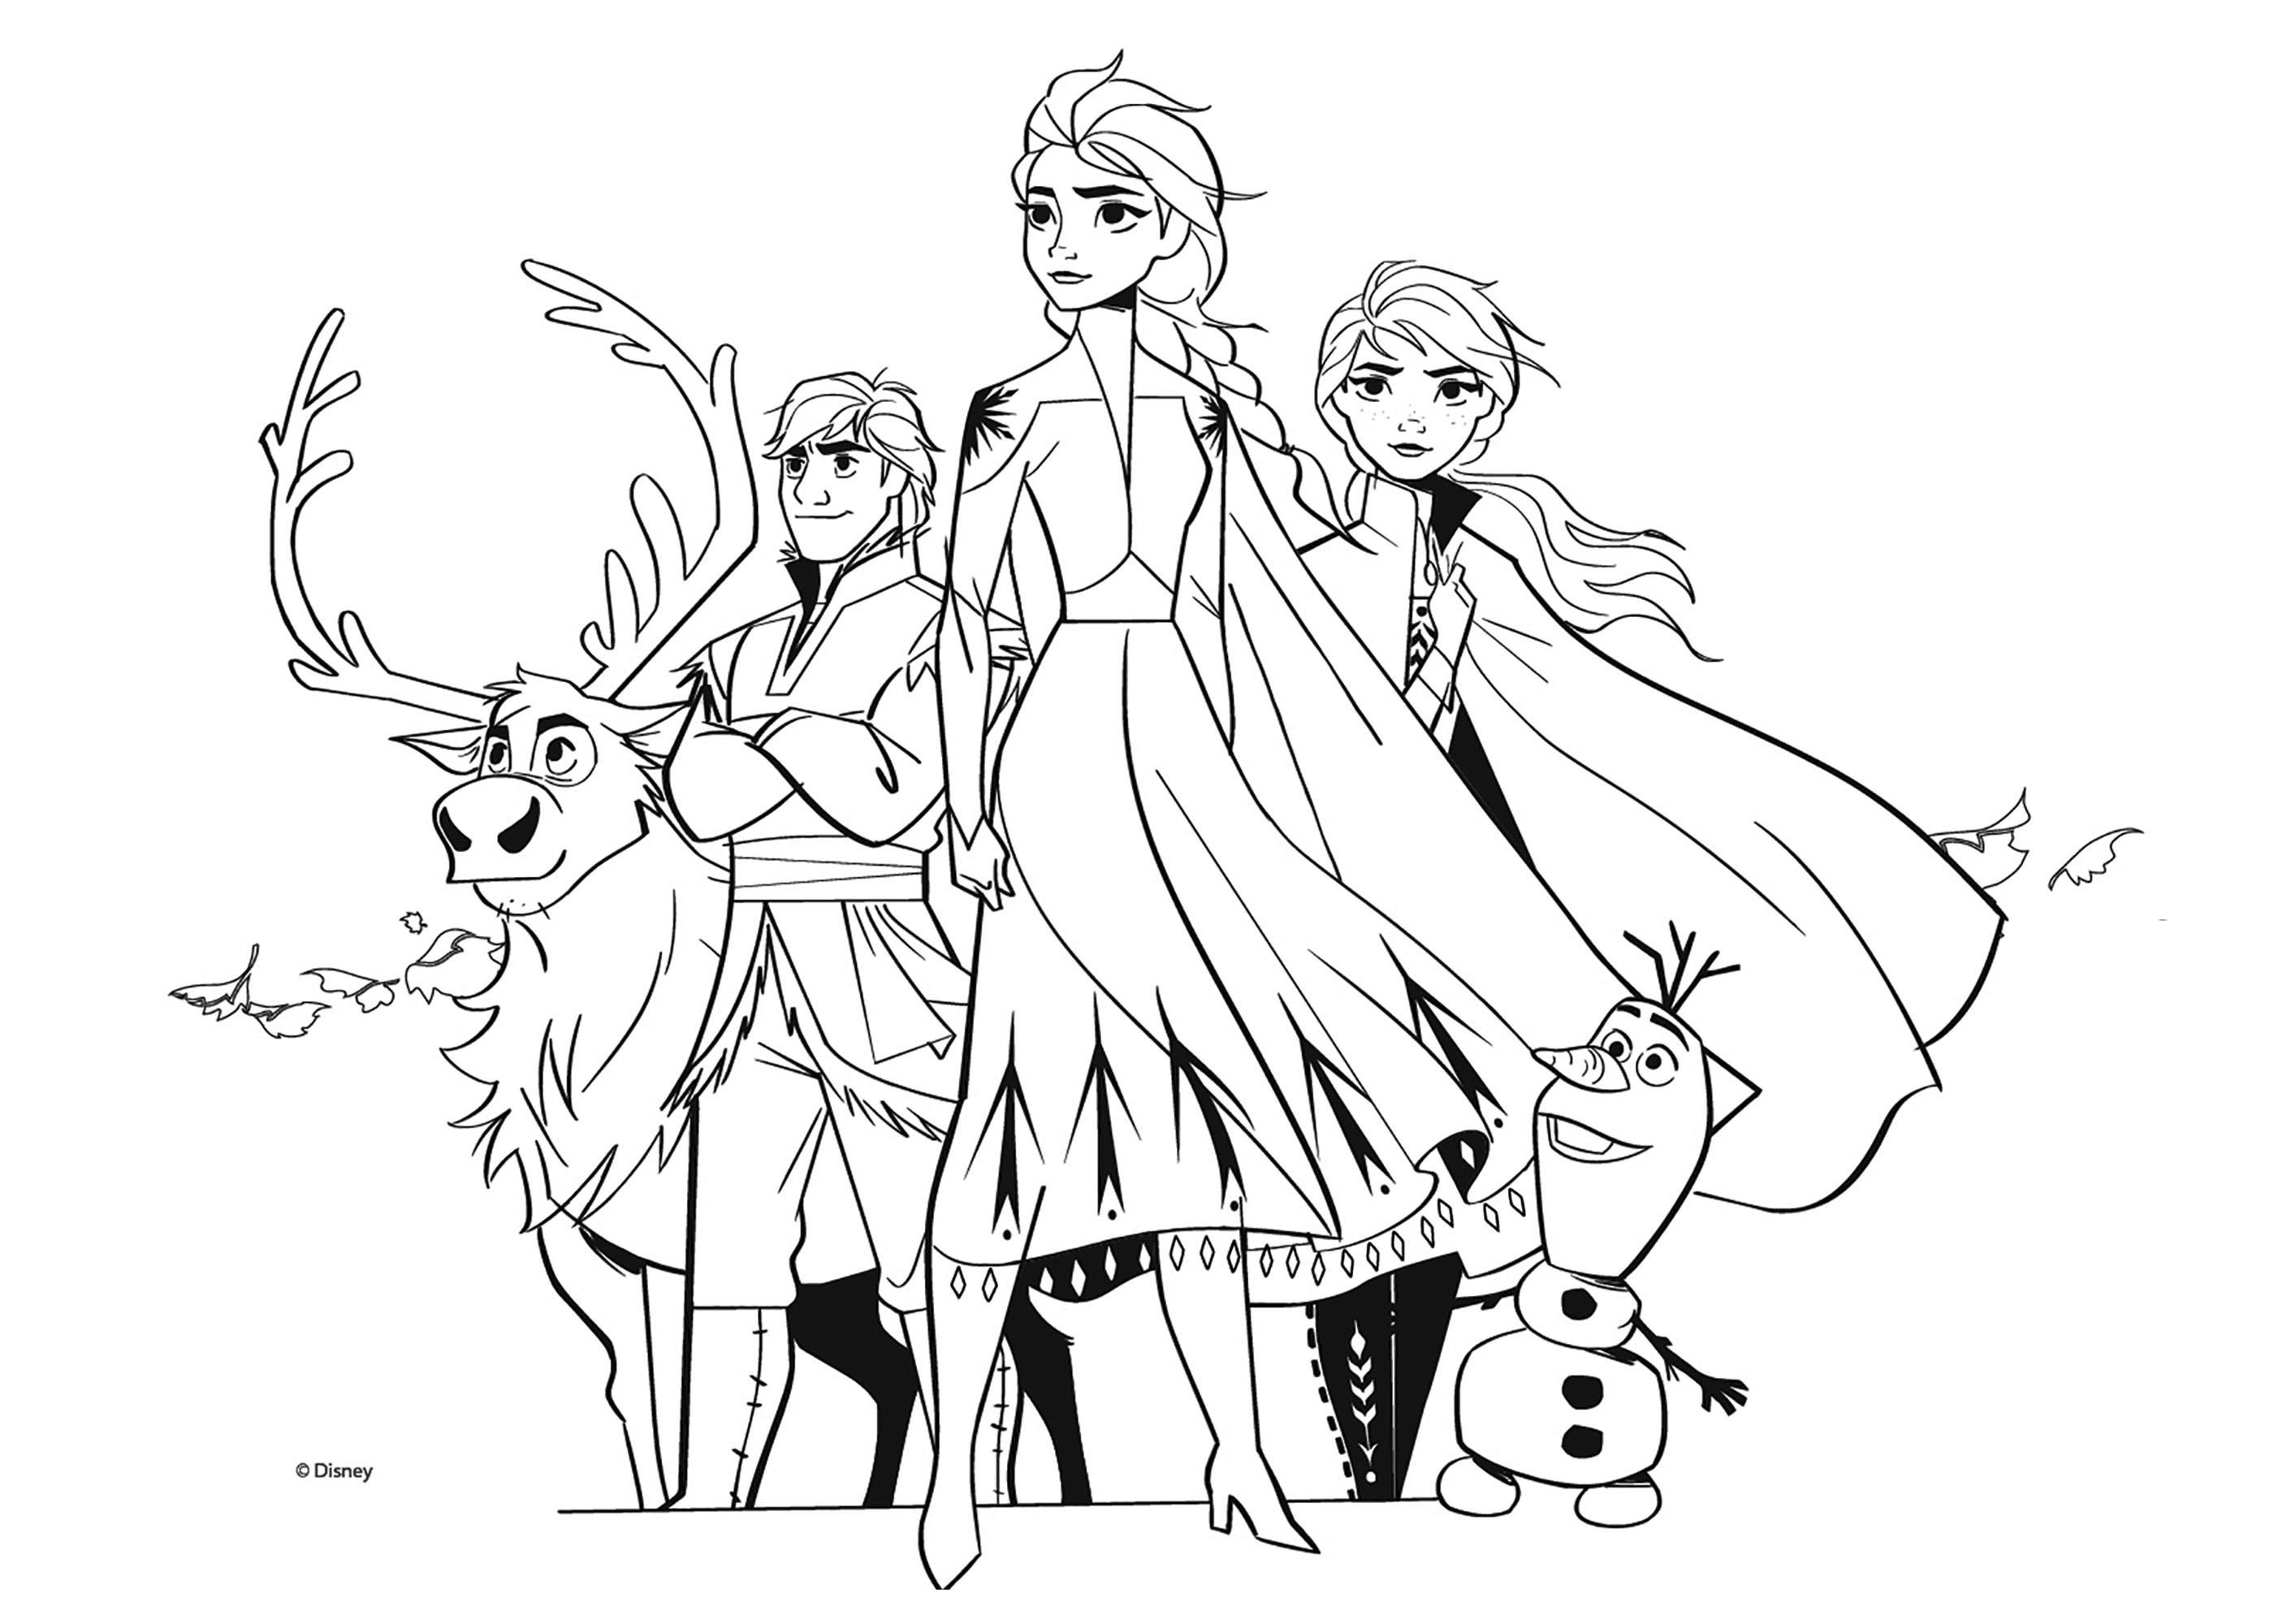 Tous Les Personnages De La Reine Des Neiges 2 Coloriage La Reine